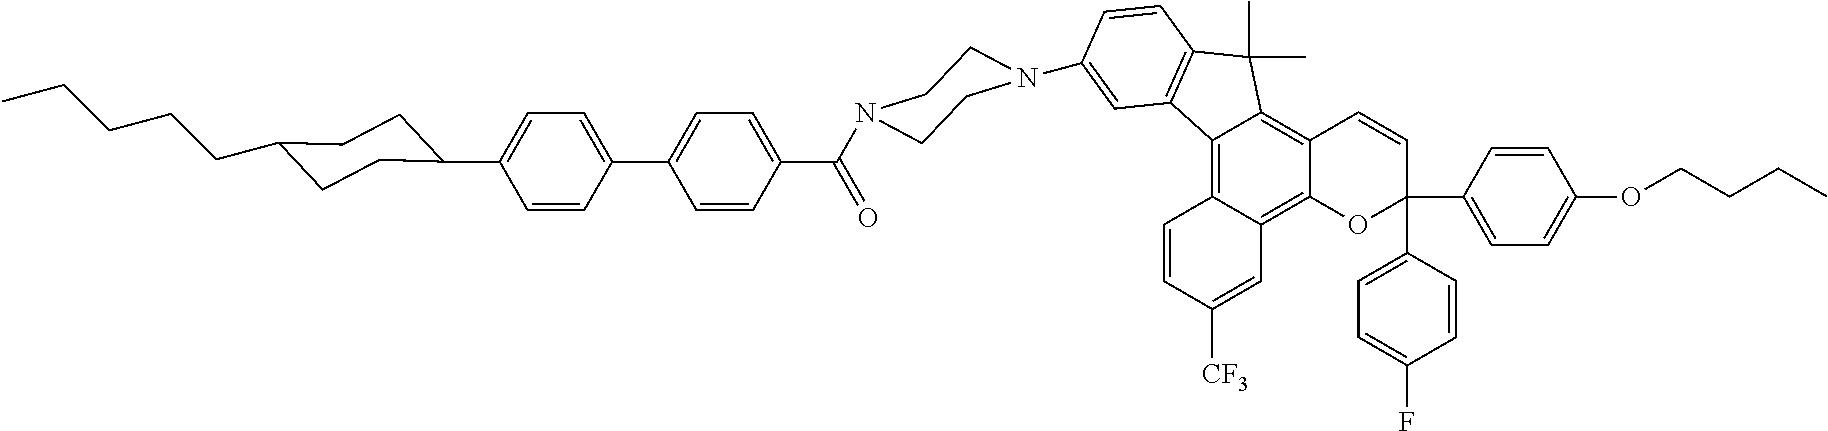 Figure US08545984-20131001-C00048